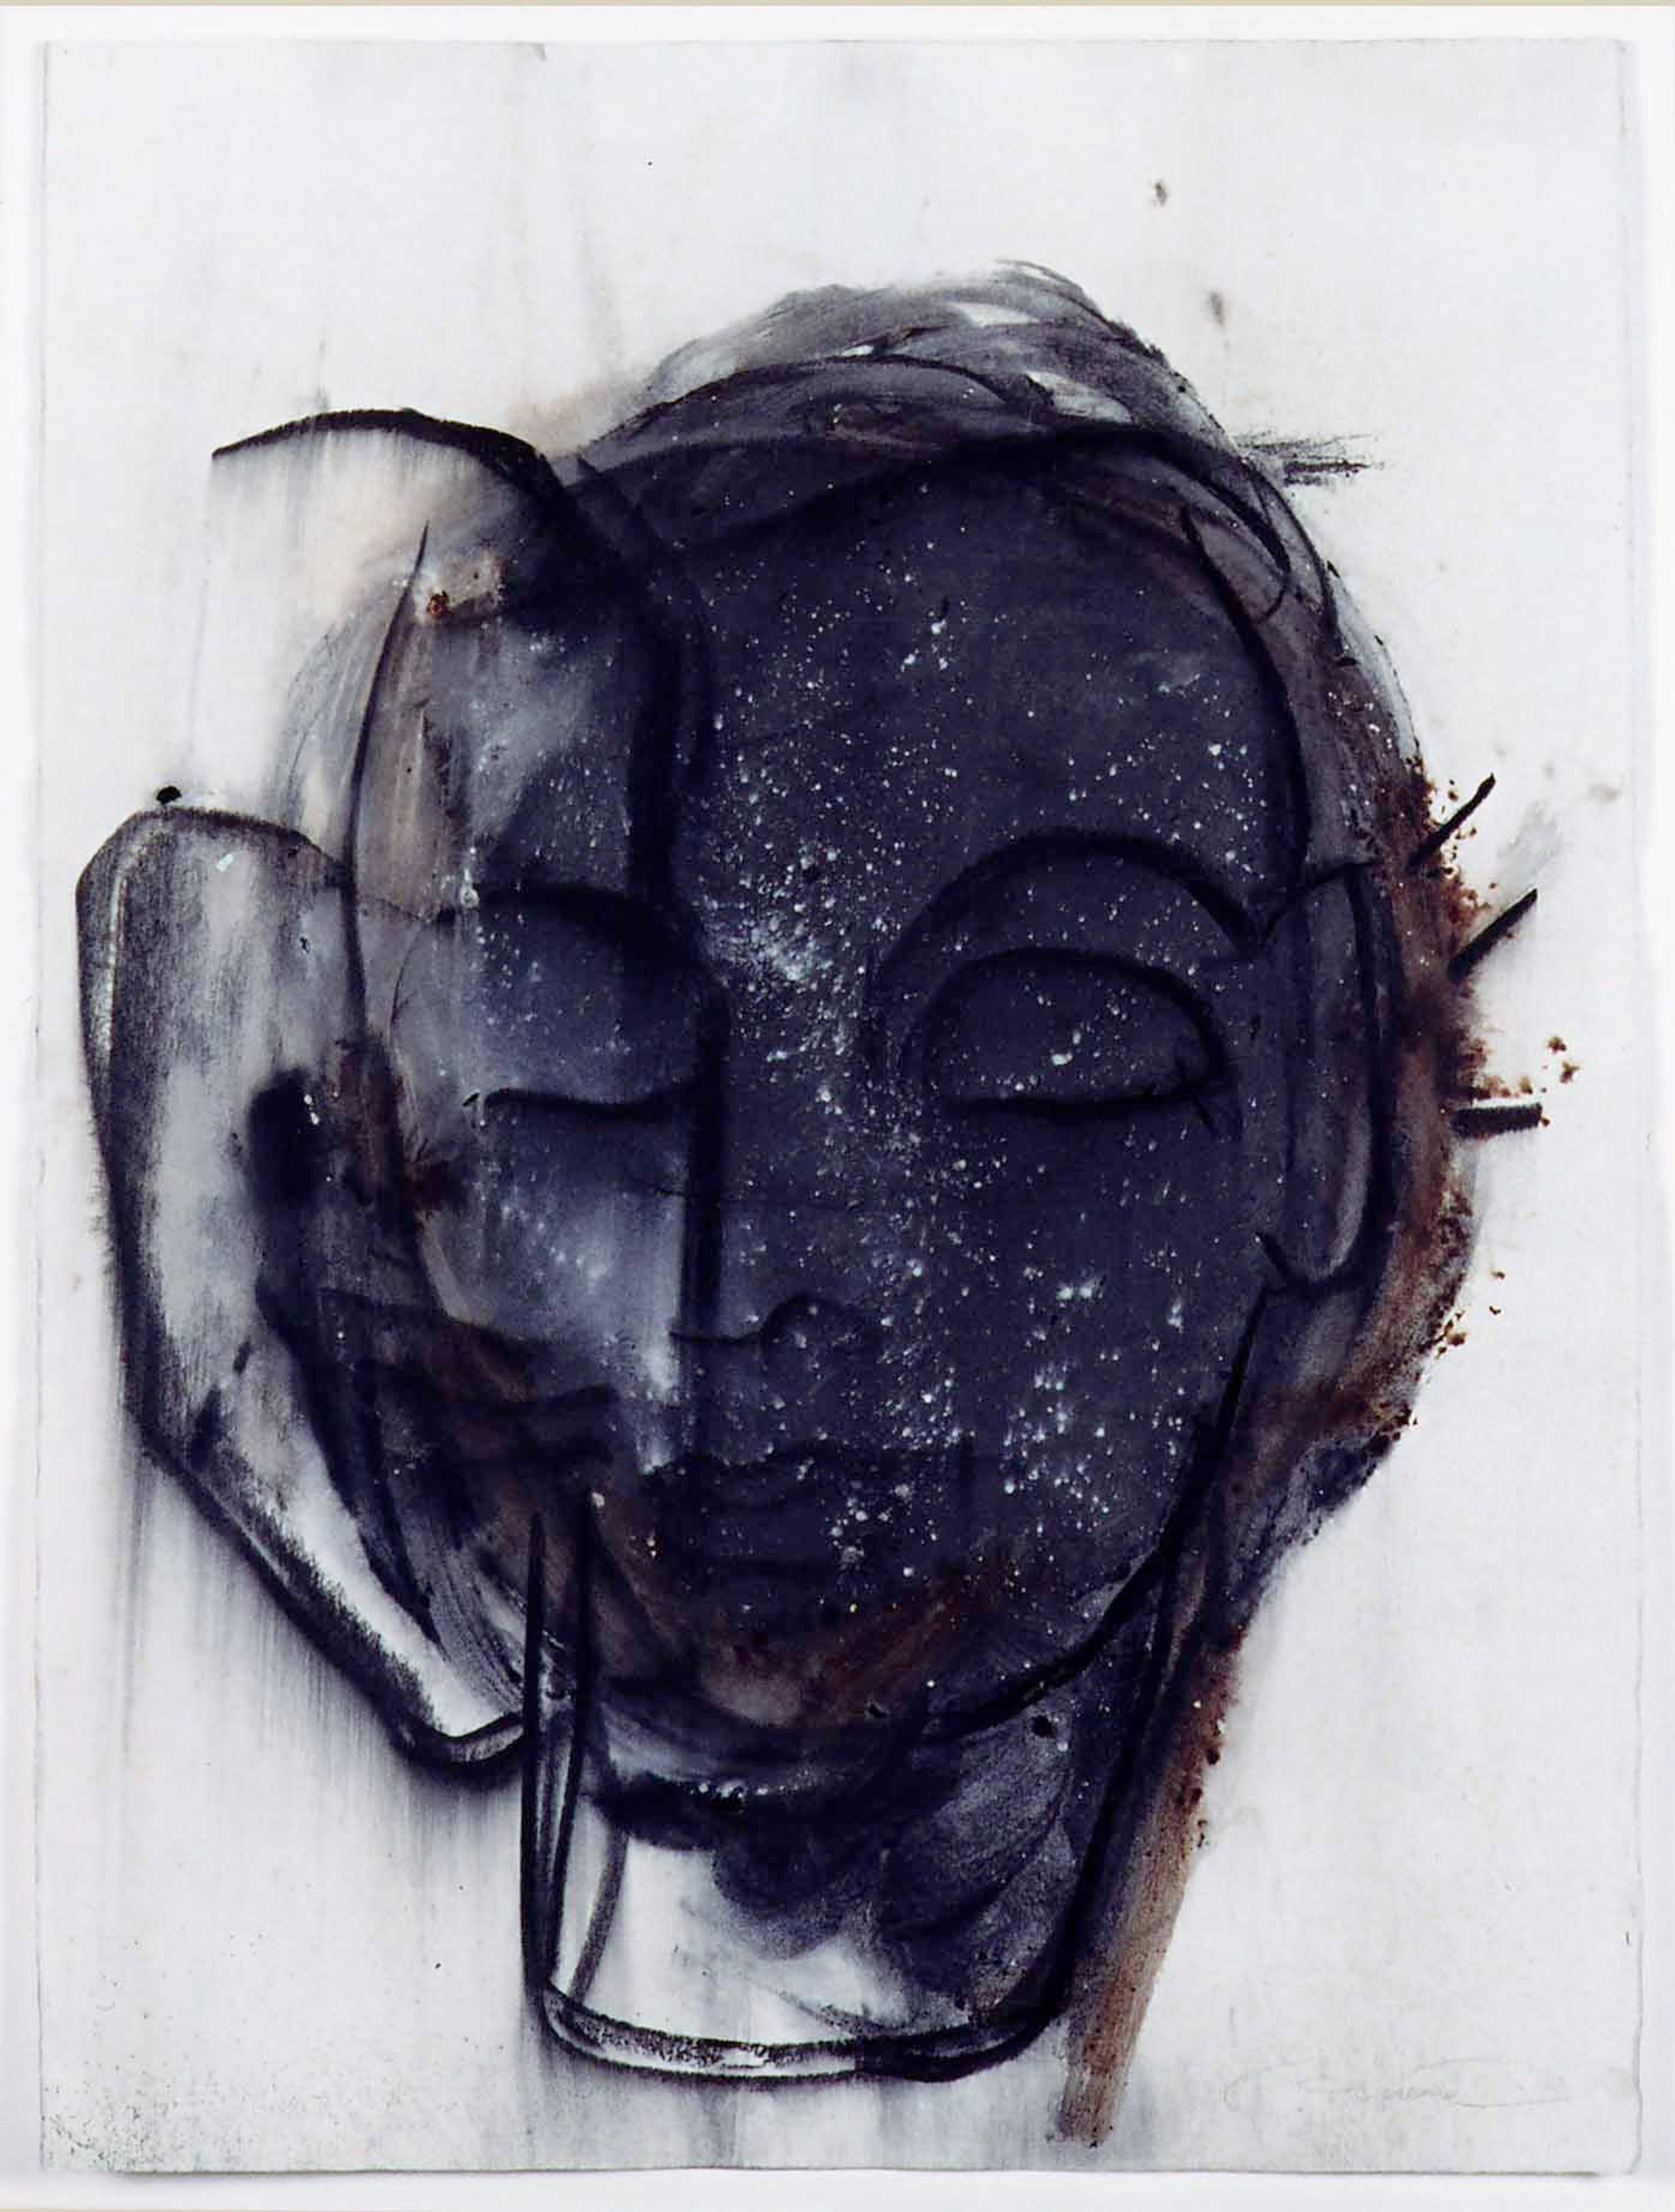 DECREME_Sans-titre-Colle-de-peau-pigments-fusain-et-encres-sur-papier-56x76_2004